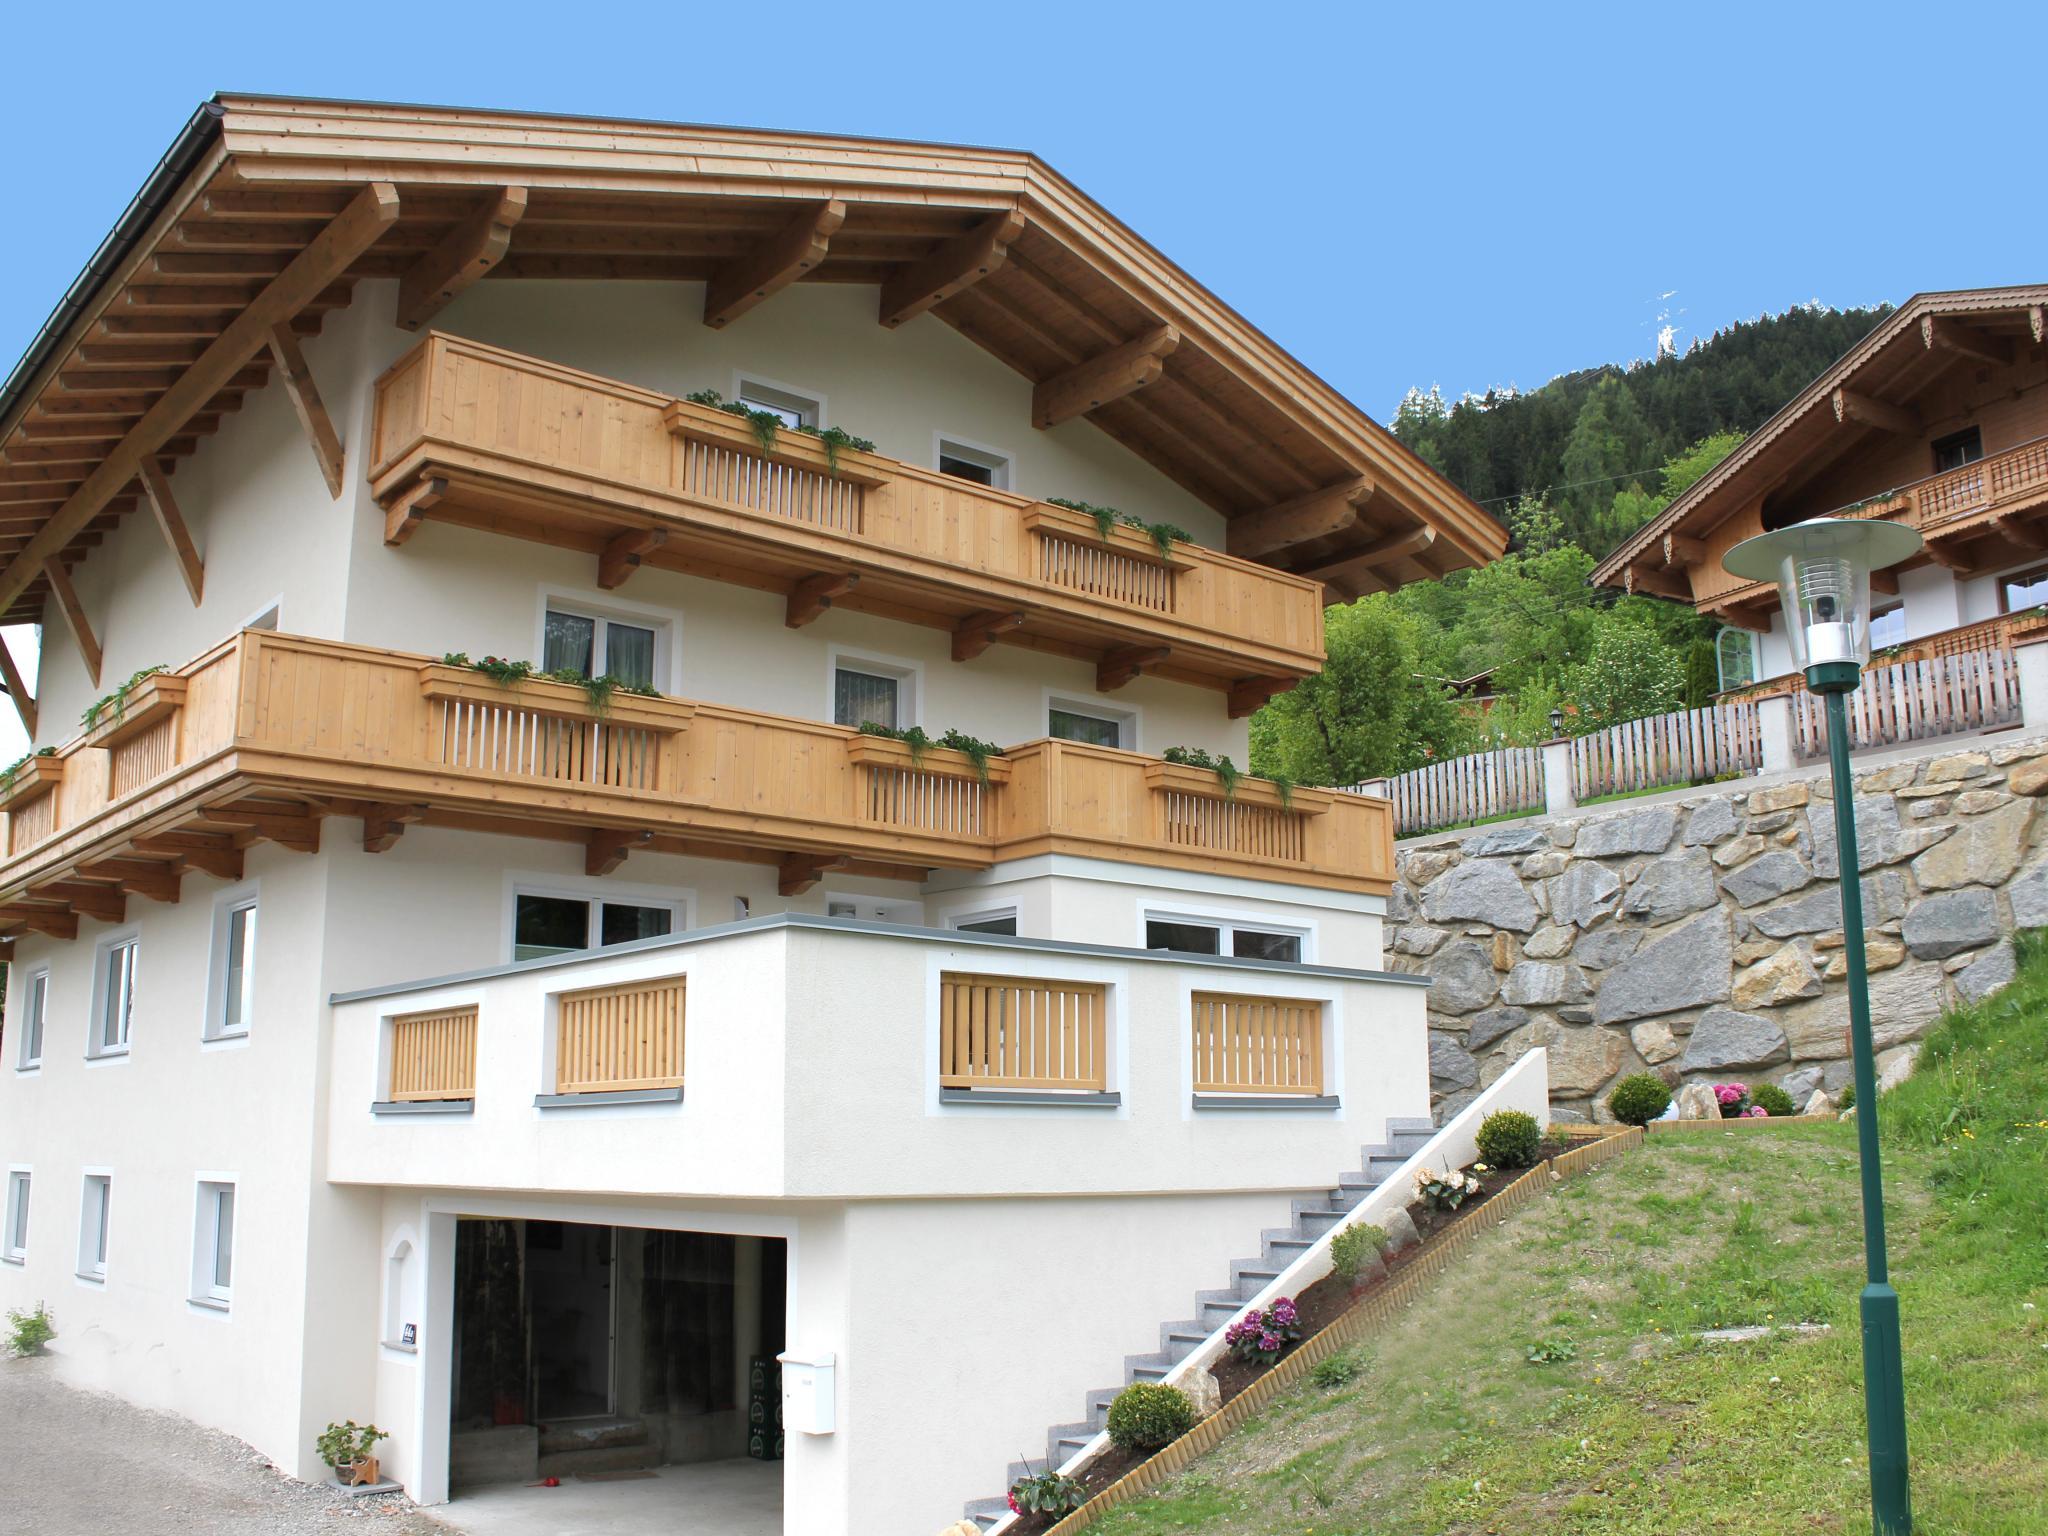 Obersteiner 2 Tirol